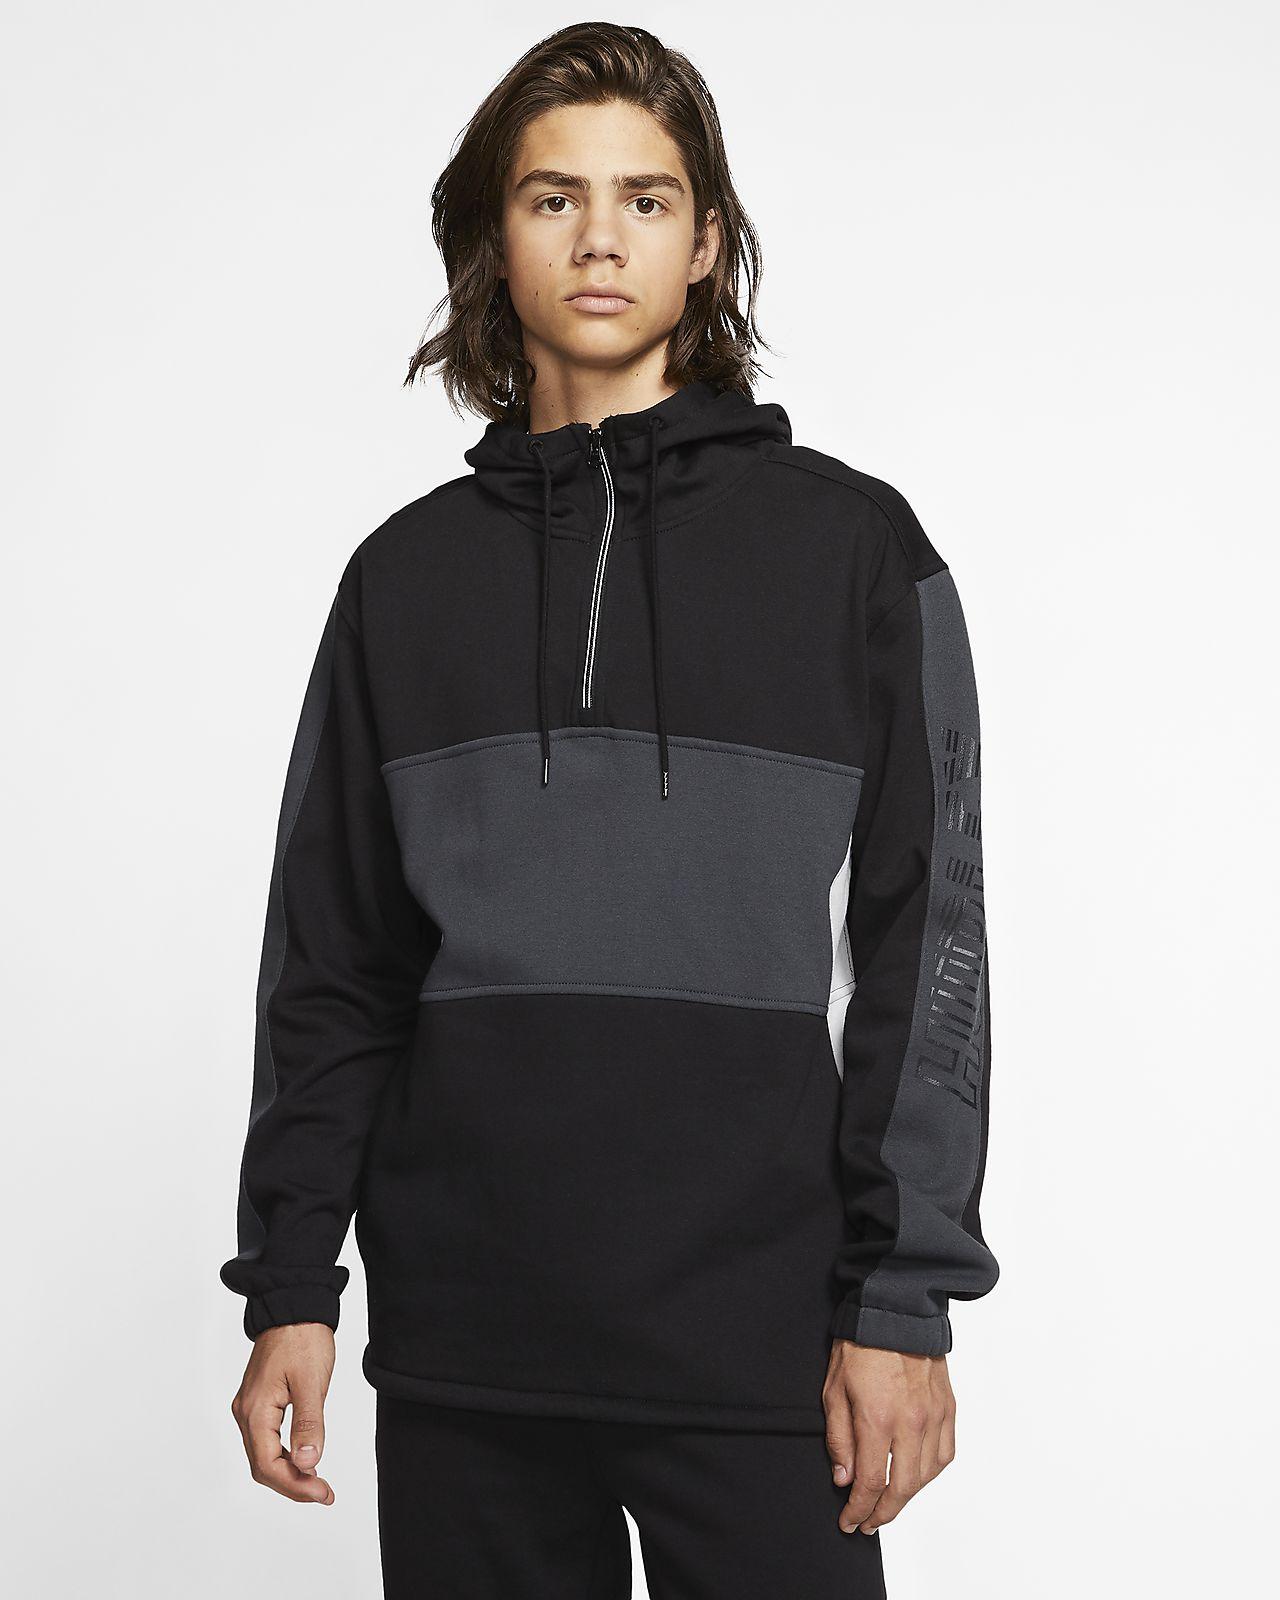 nike hoodie 1/4 zip